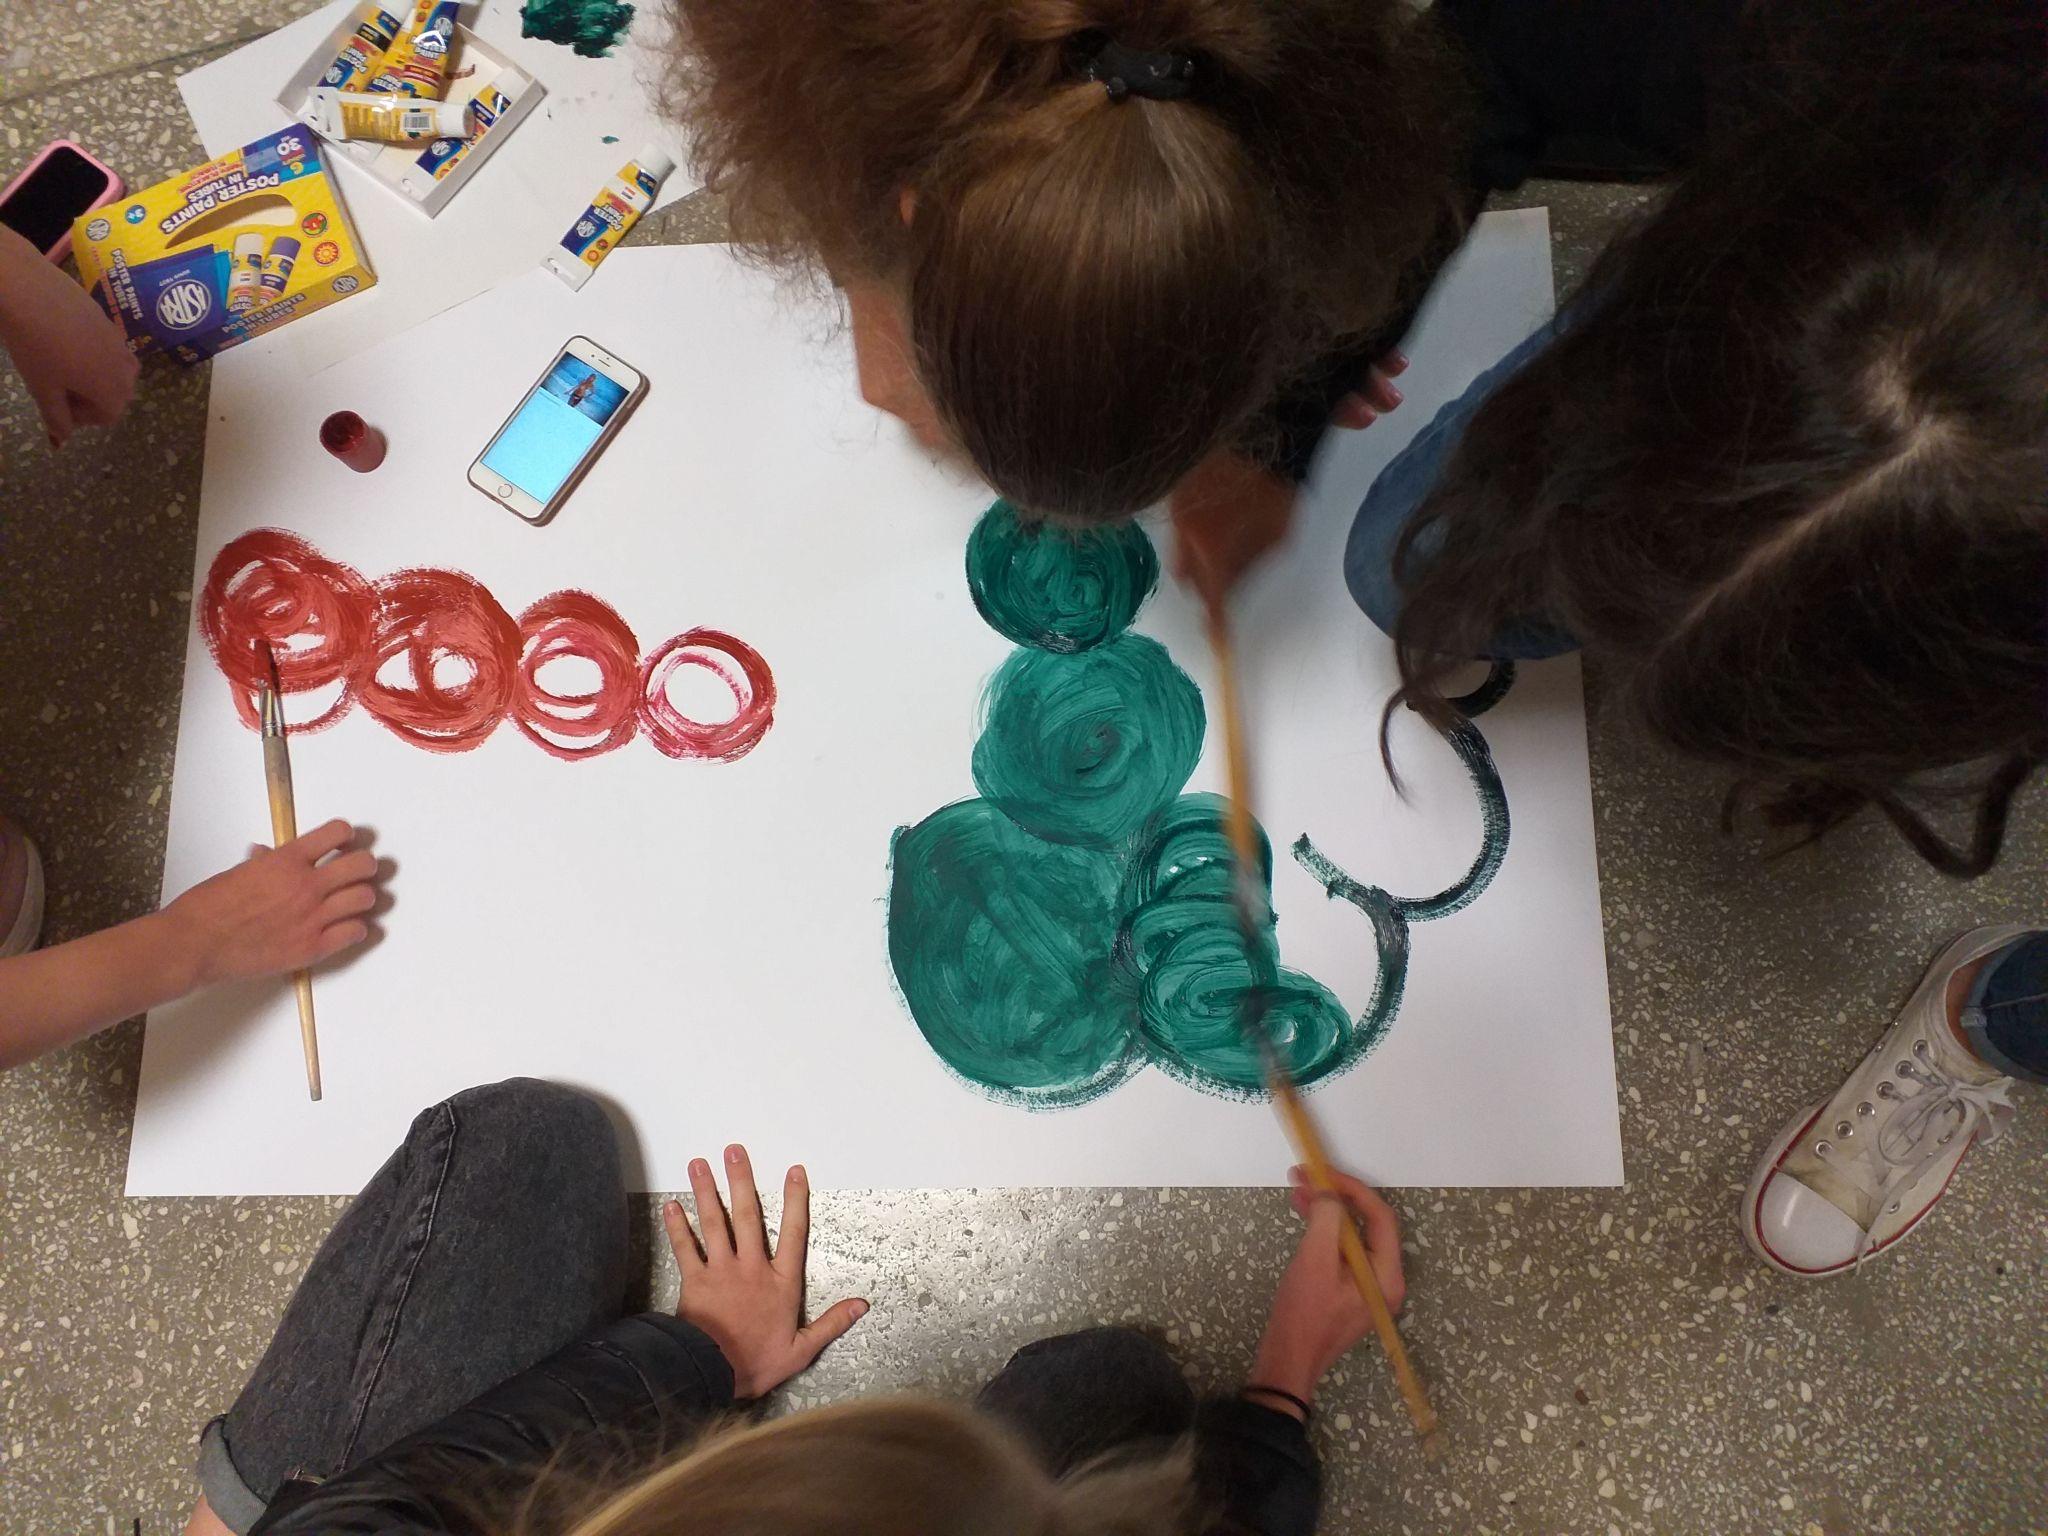 dzien kropki 1 MiędzynarodowyDzień Kropki w Szkole Podstawowej Nr 10 w Zamościu